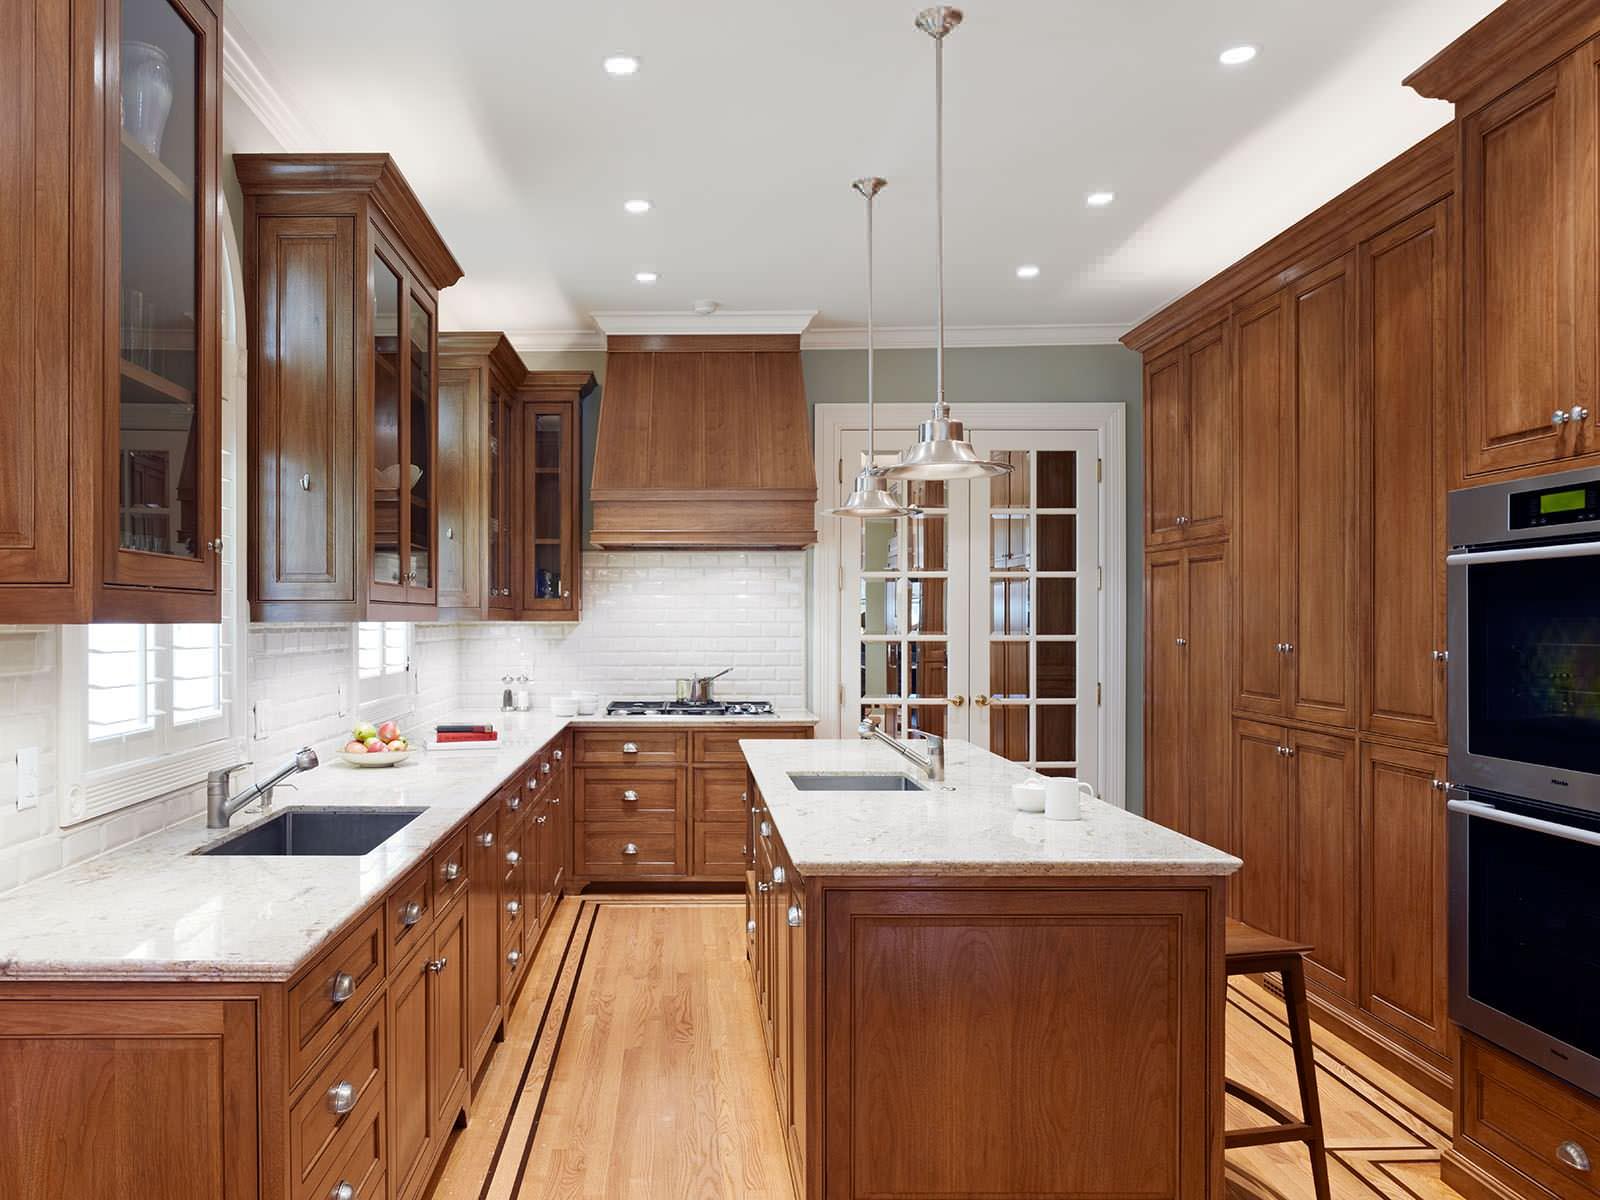 kabinet dapur marmer putih pada meja dapur kayu